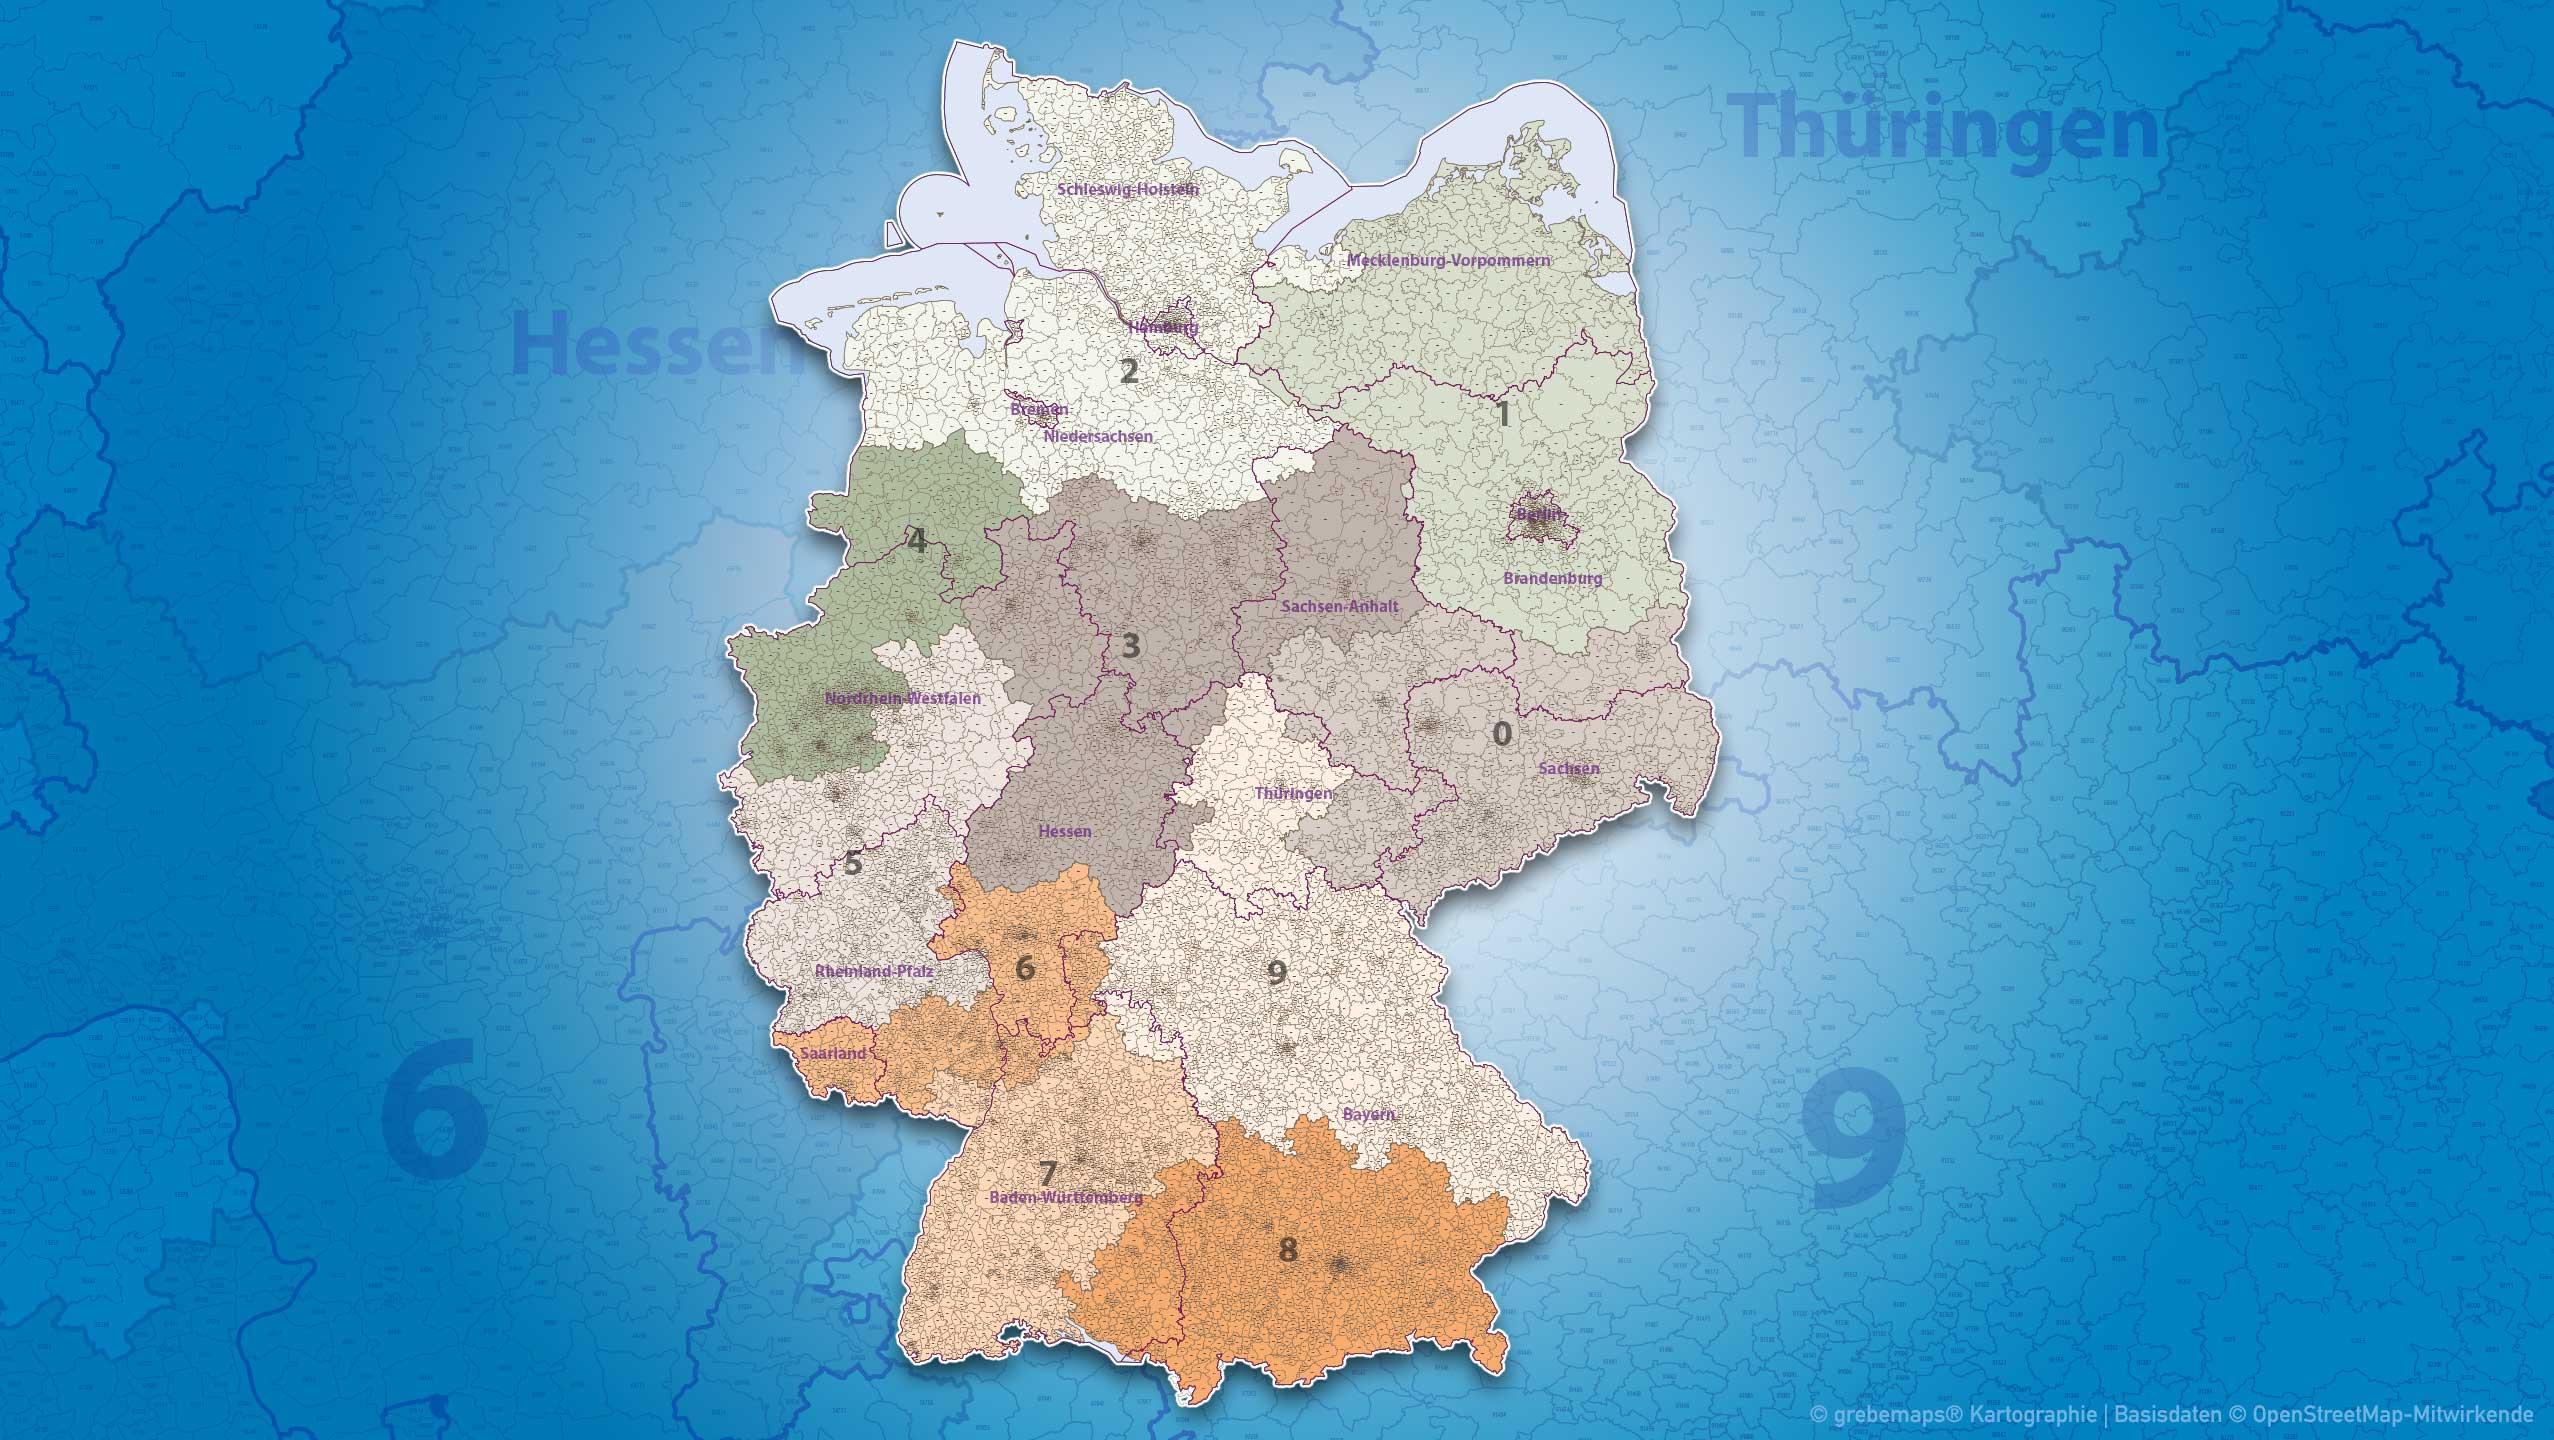 Postleitzahlen Karte Brandenburg.Postleitzahlen Karte Deutschland Grebemaps Kartographie